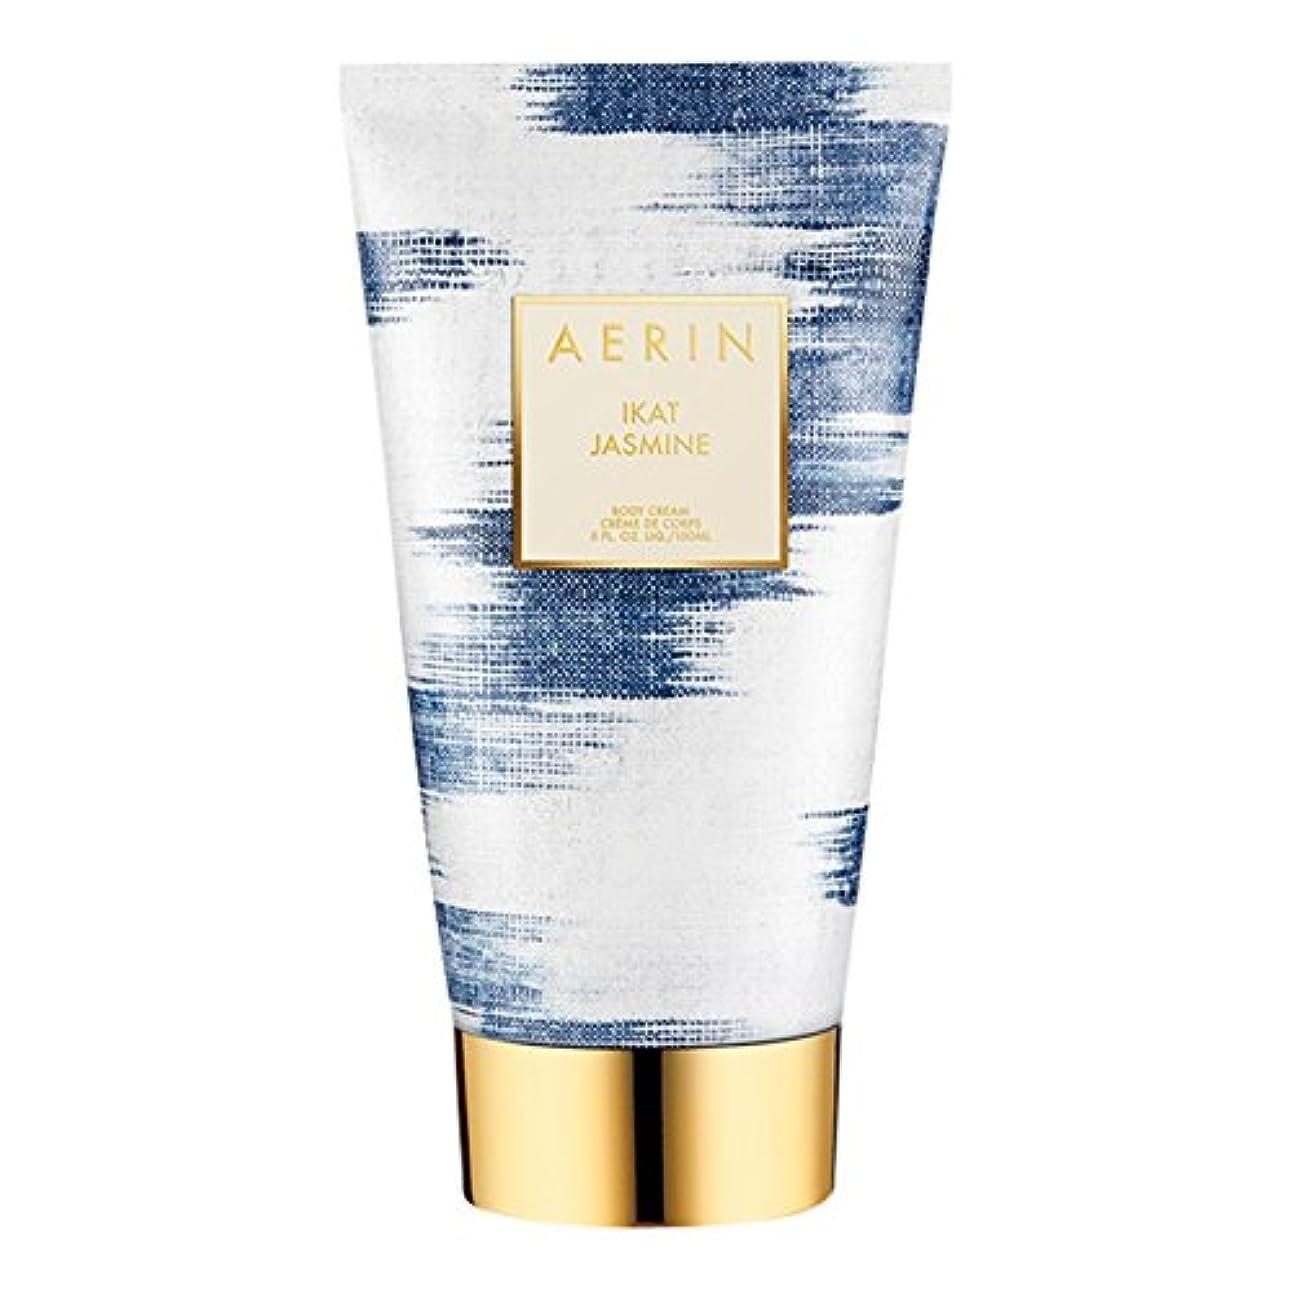 合意アンドリューハリディ差別Aerinイカットジャスミンボディクリーム150ミリリットル (AERIN) - AERIN Ikat Jasmine Body Cream 150ml [並行輸入品]